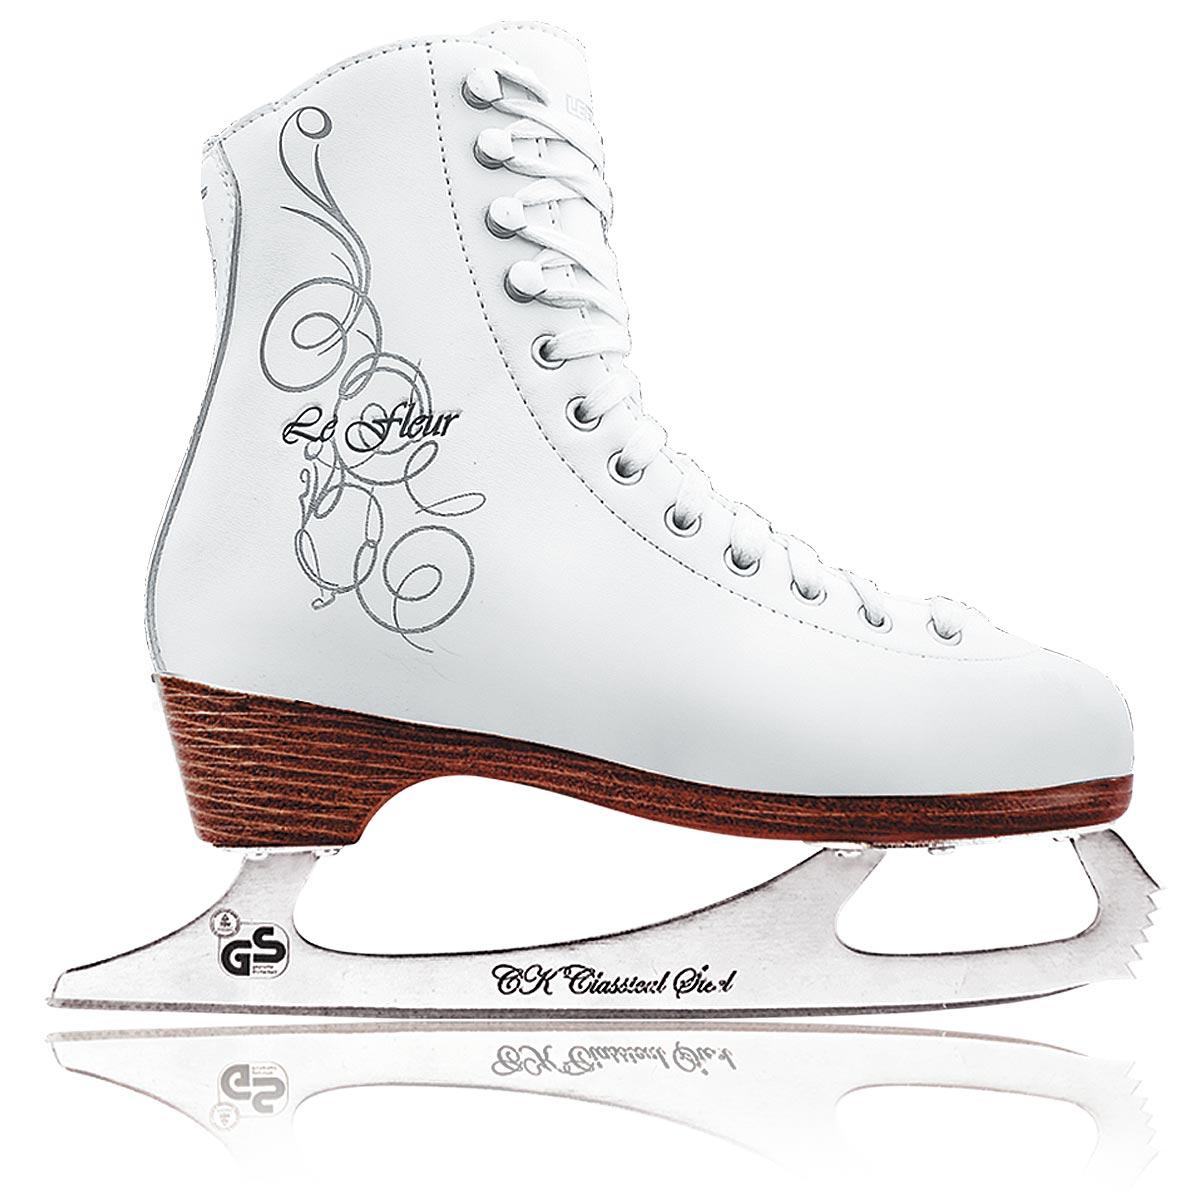 Коньки фигурные для девочки СК Le Fleur Leather 100%, цвет: белый, серебряный. Размер 29Le Fleur Leather 100%_белый, серебряный_29